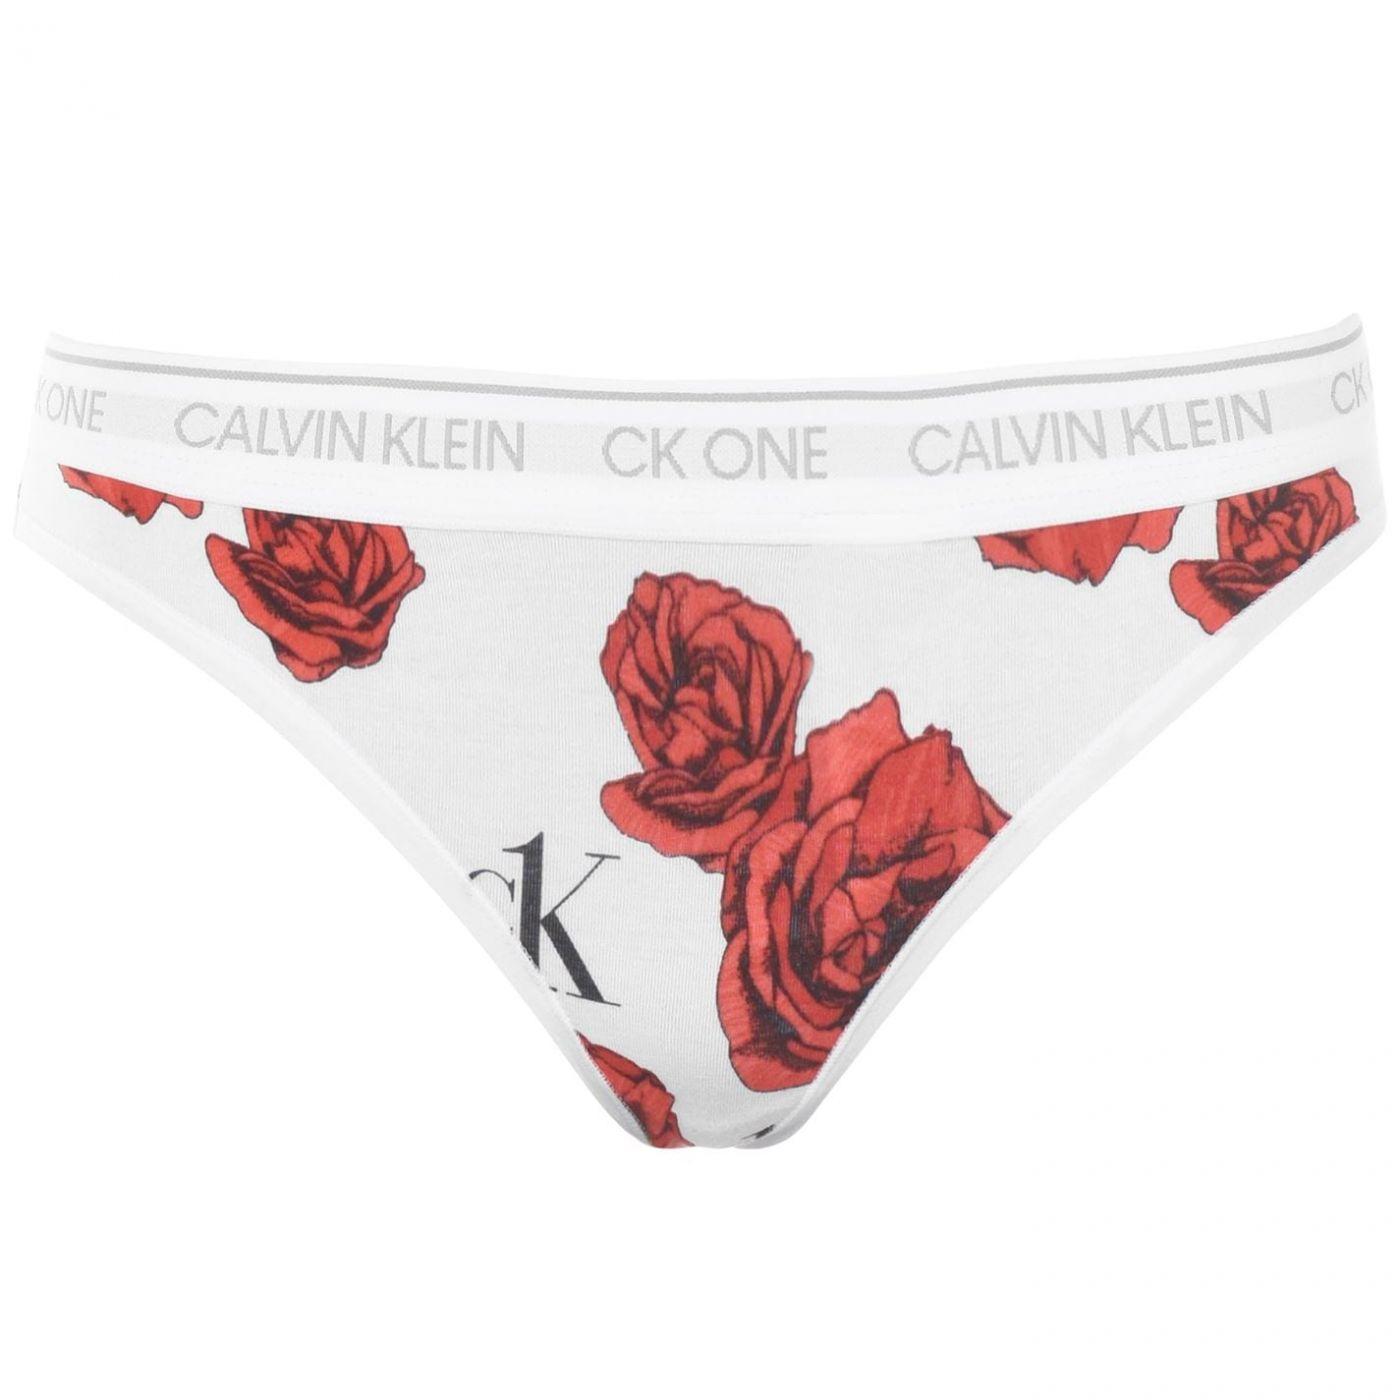 Calvin Klein ONE Cotton Thong